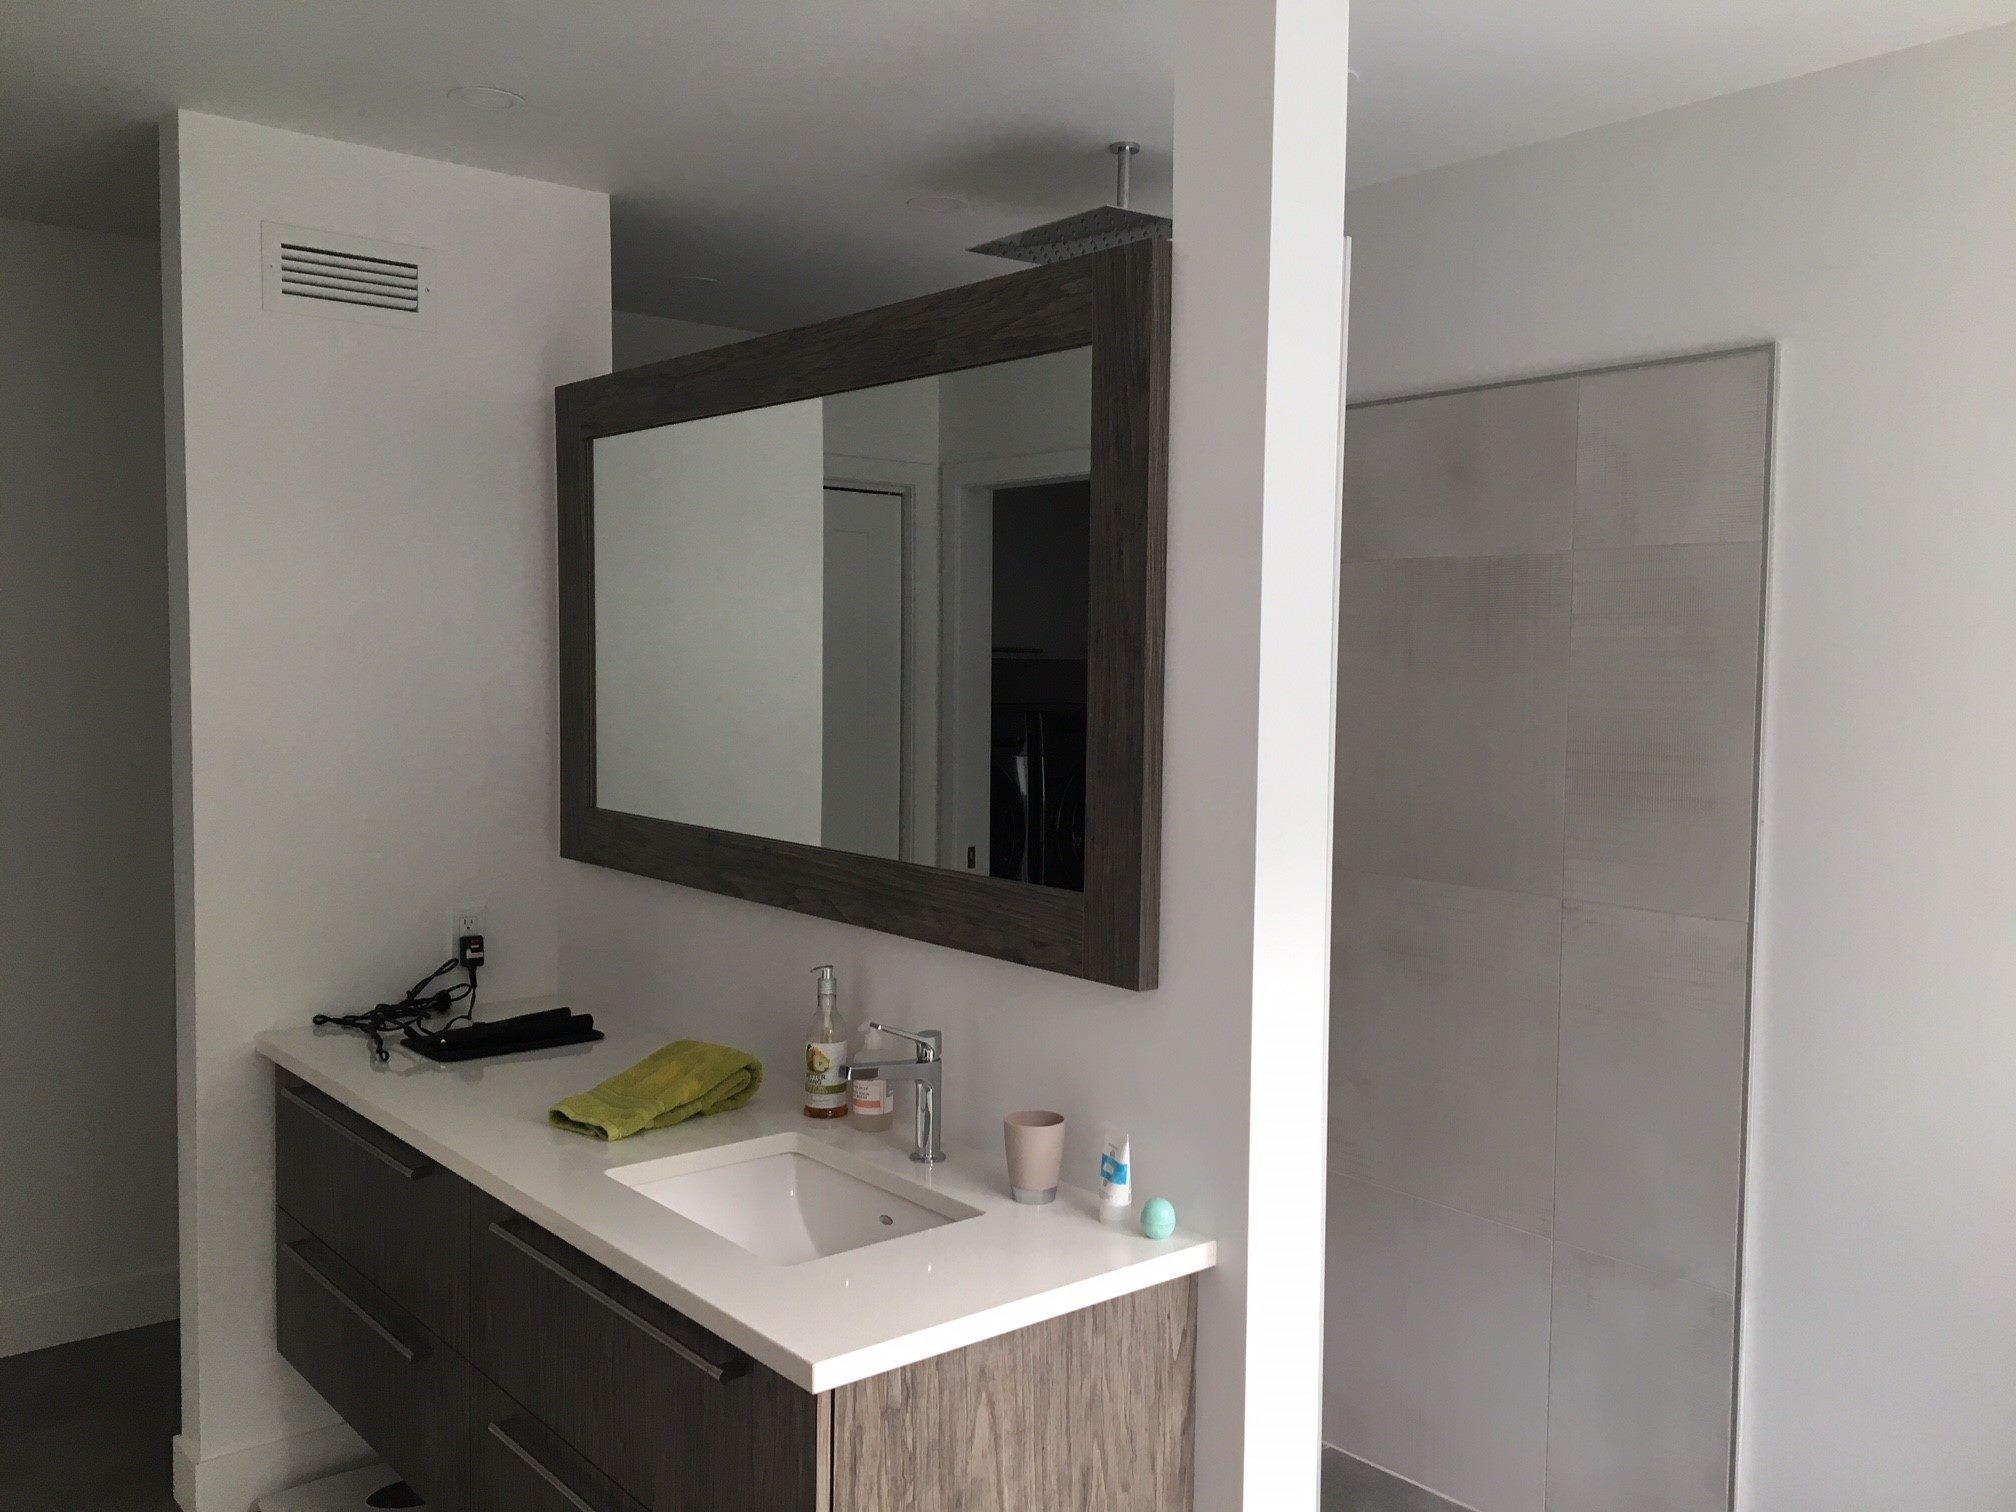 salle de bain avec lavabo et miroir